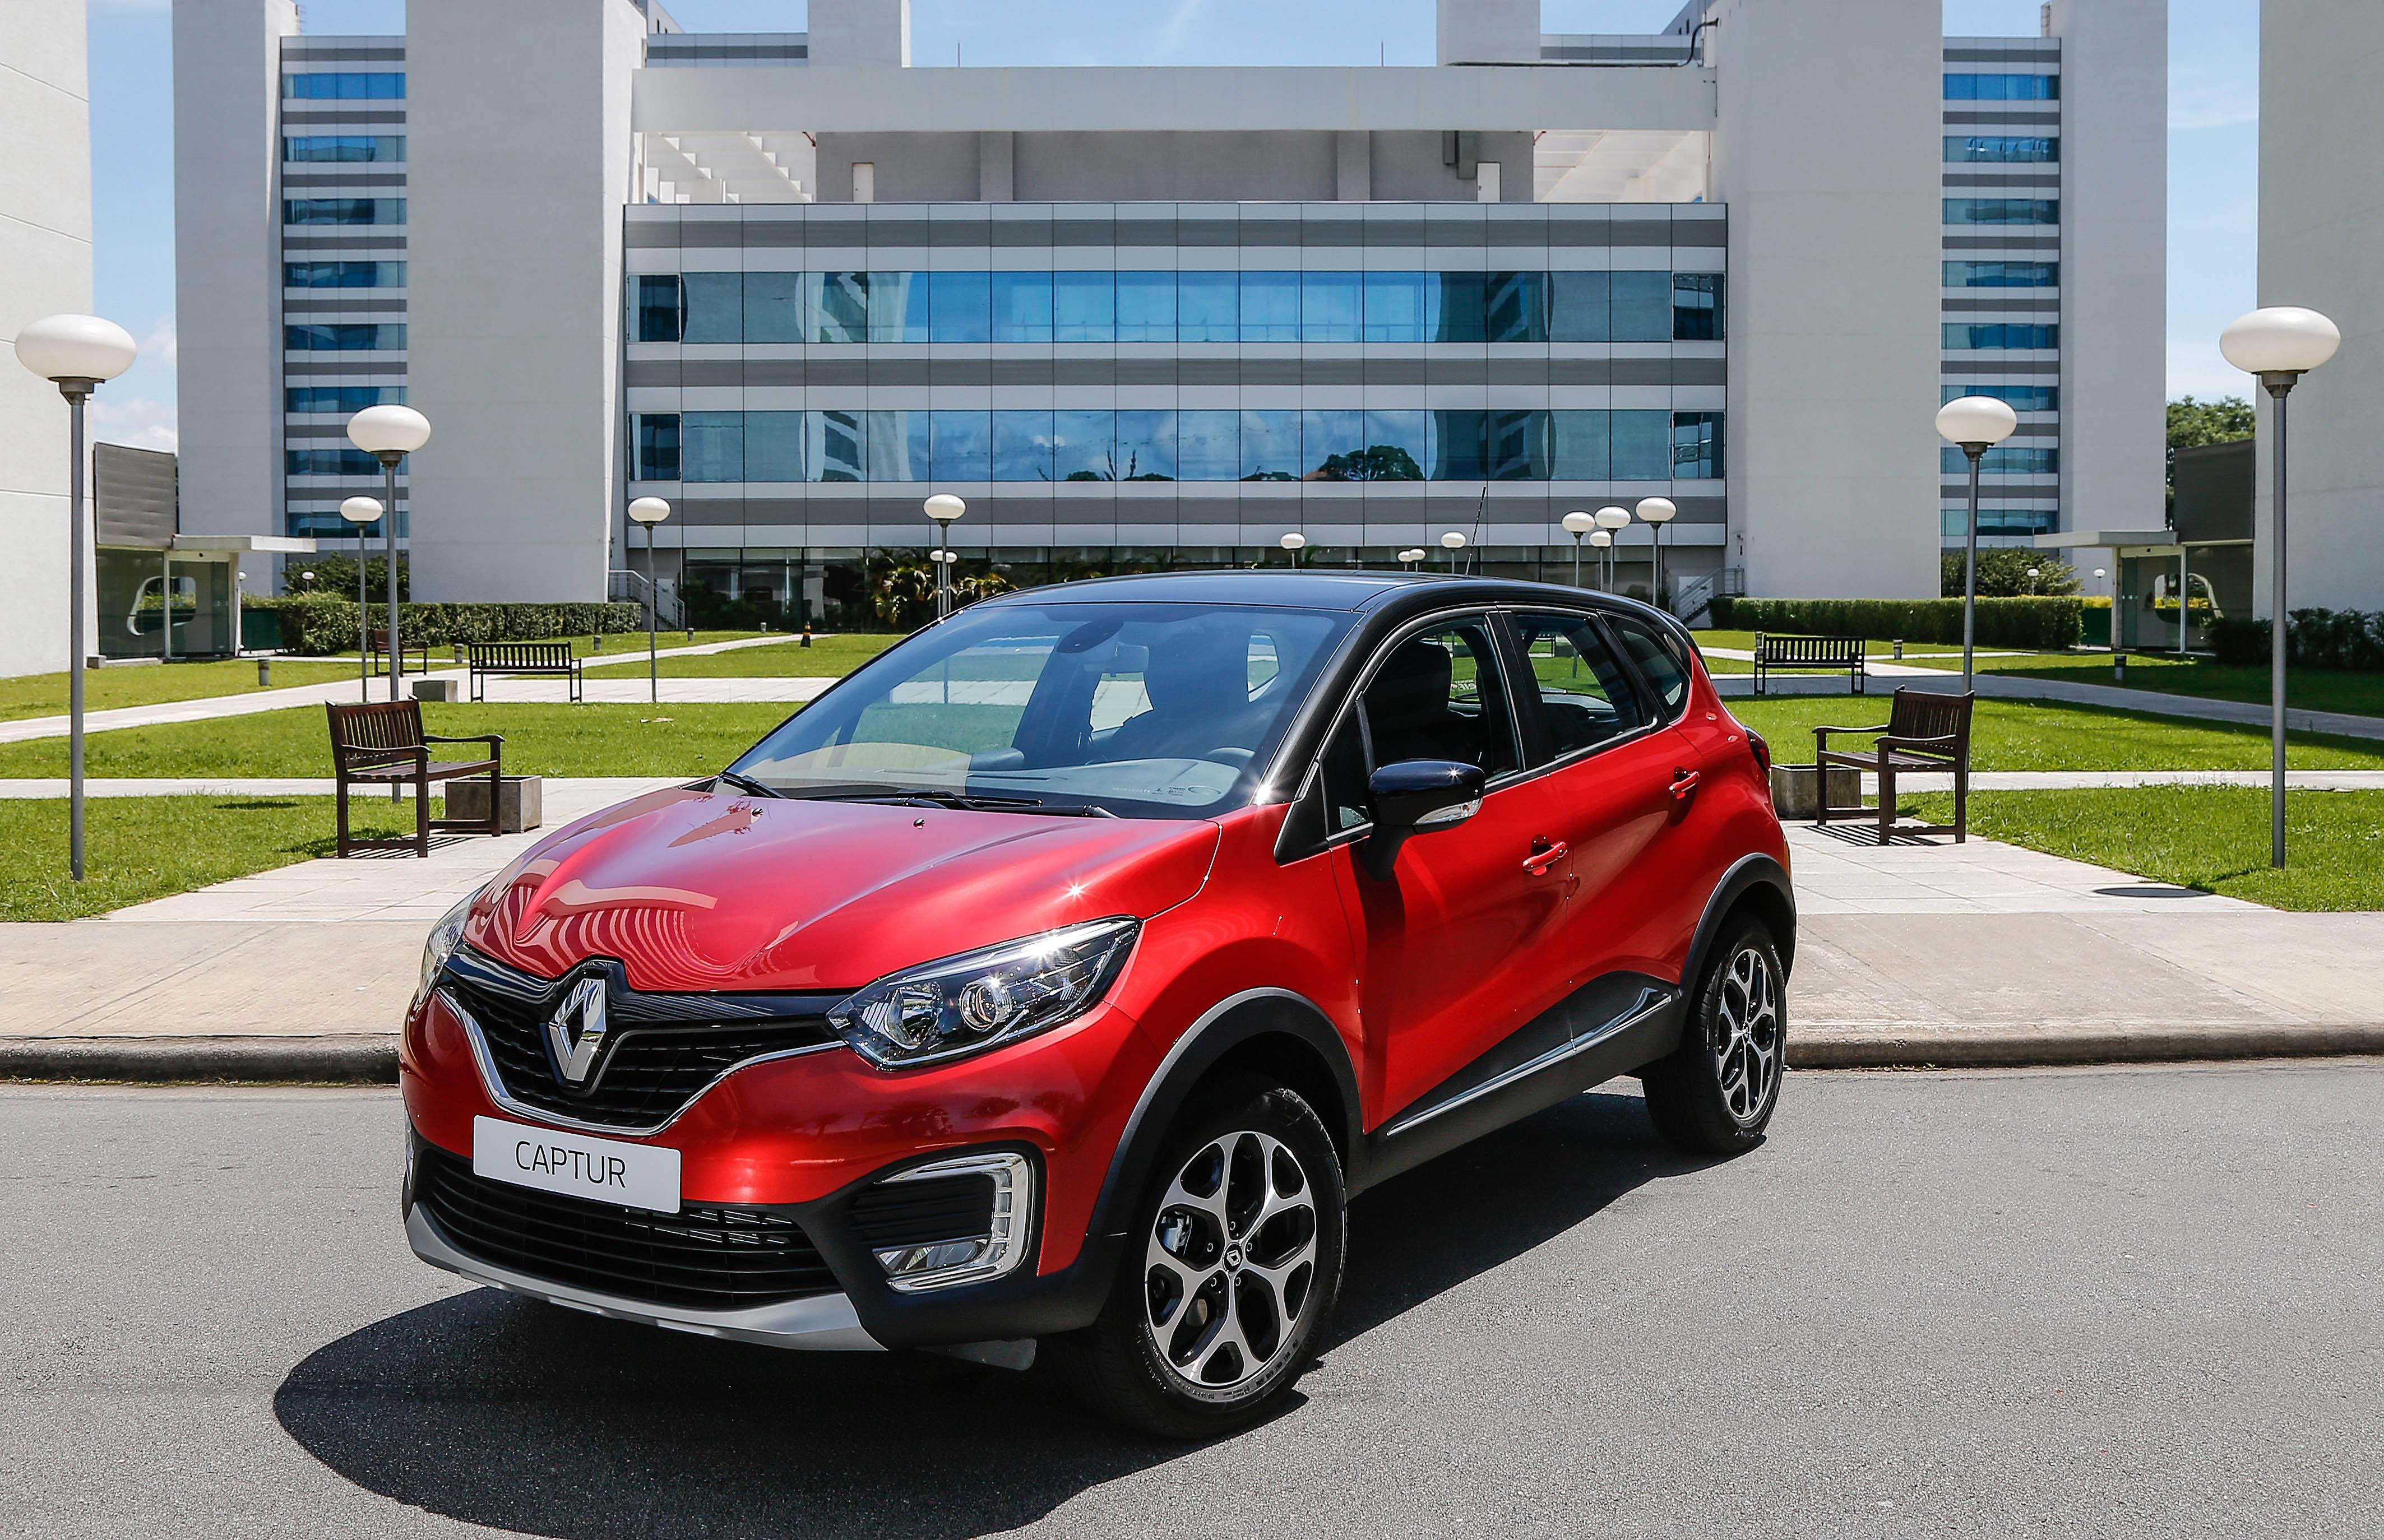 Design é ponto forte do Captur, que traz a nova identidade visual da Renault